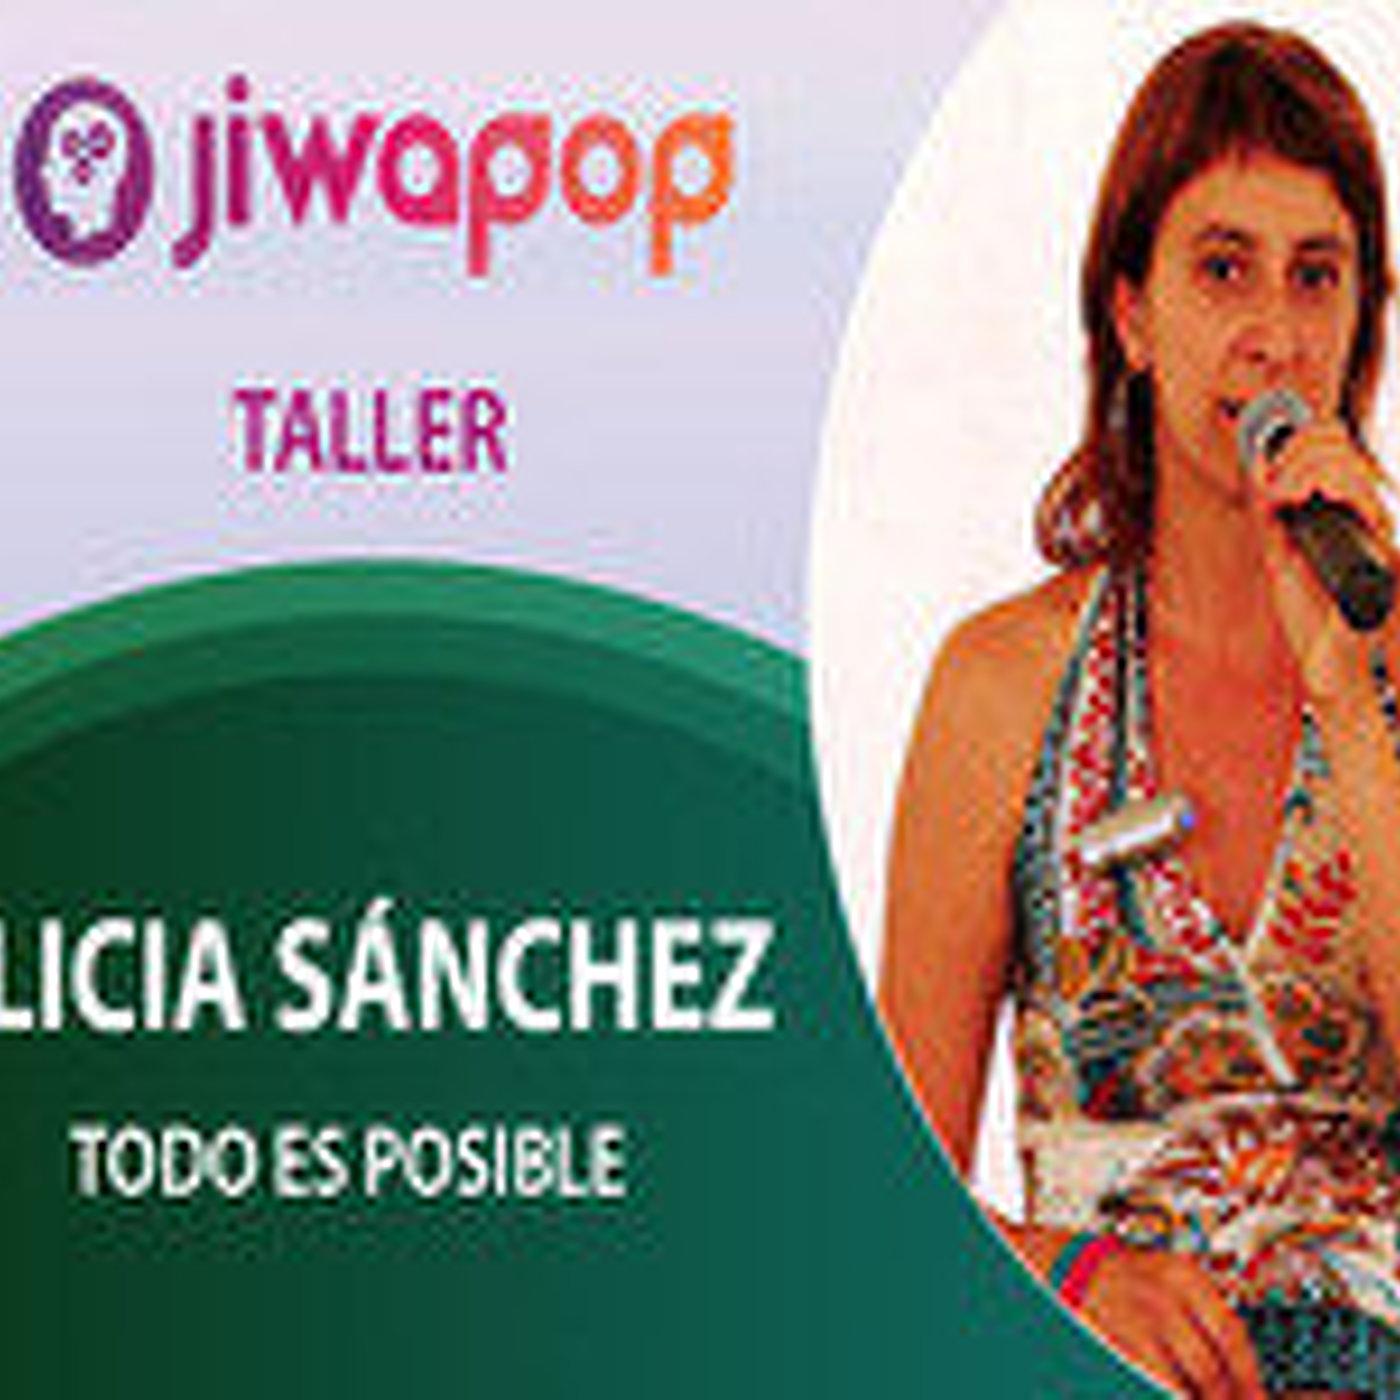 Todo es Posible... Alicia sánchez - Conferencia en el Festival Jiwapop 2014